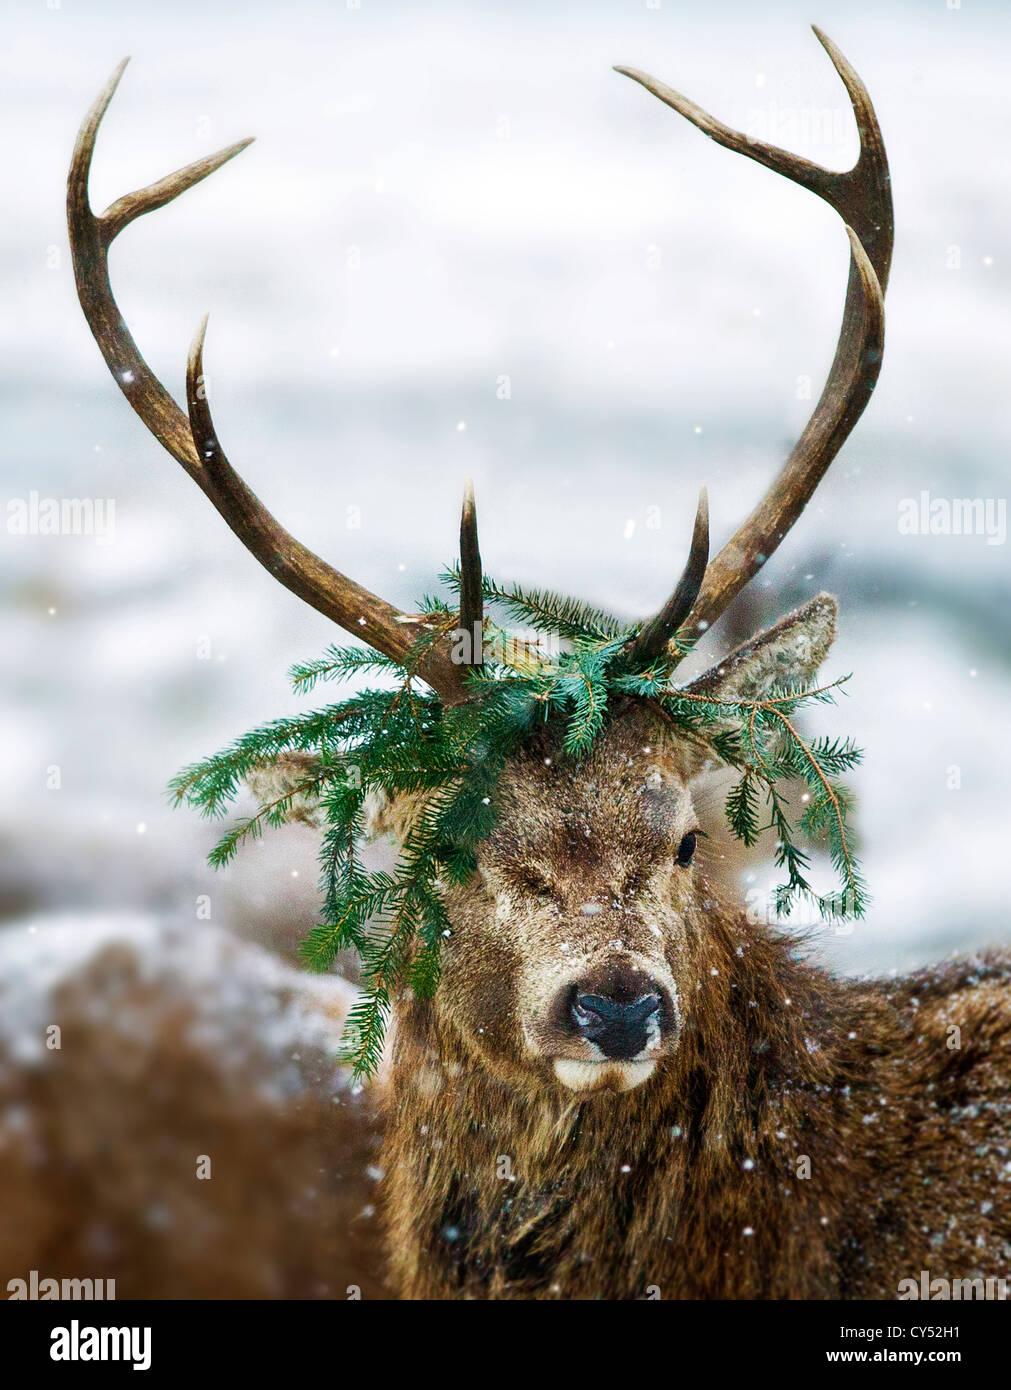 El Príncipe rojo ciervo ciervo en la nieve aún en modo de celo . Un príncipe rojo con una corona de pino Caledonian Foto de stock